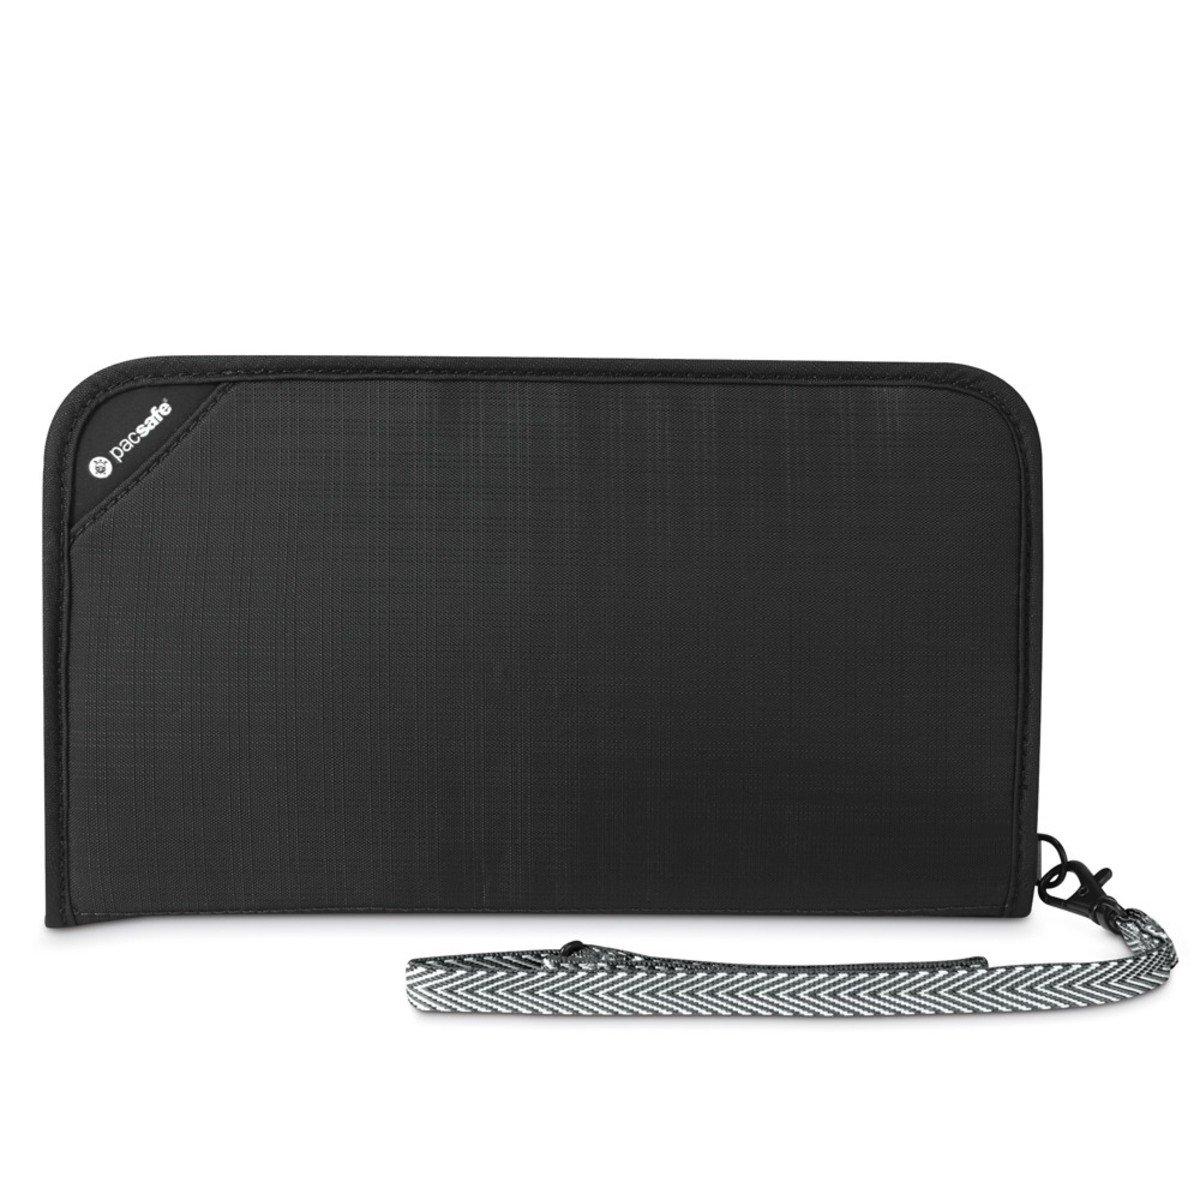 RFIDsafe V200 防盜旅行證件袋(黑色)